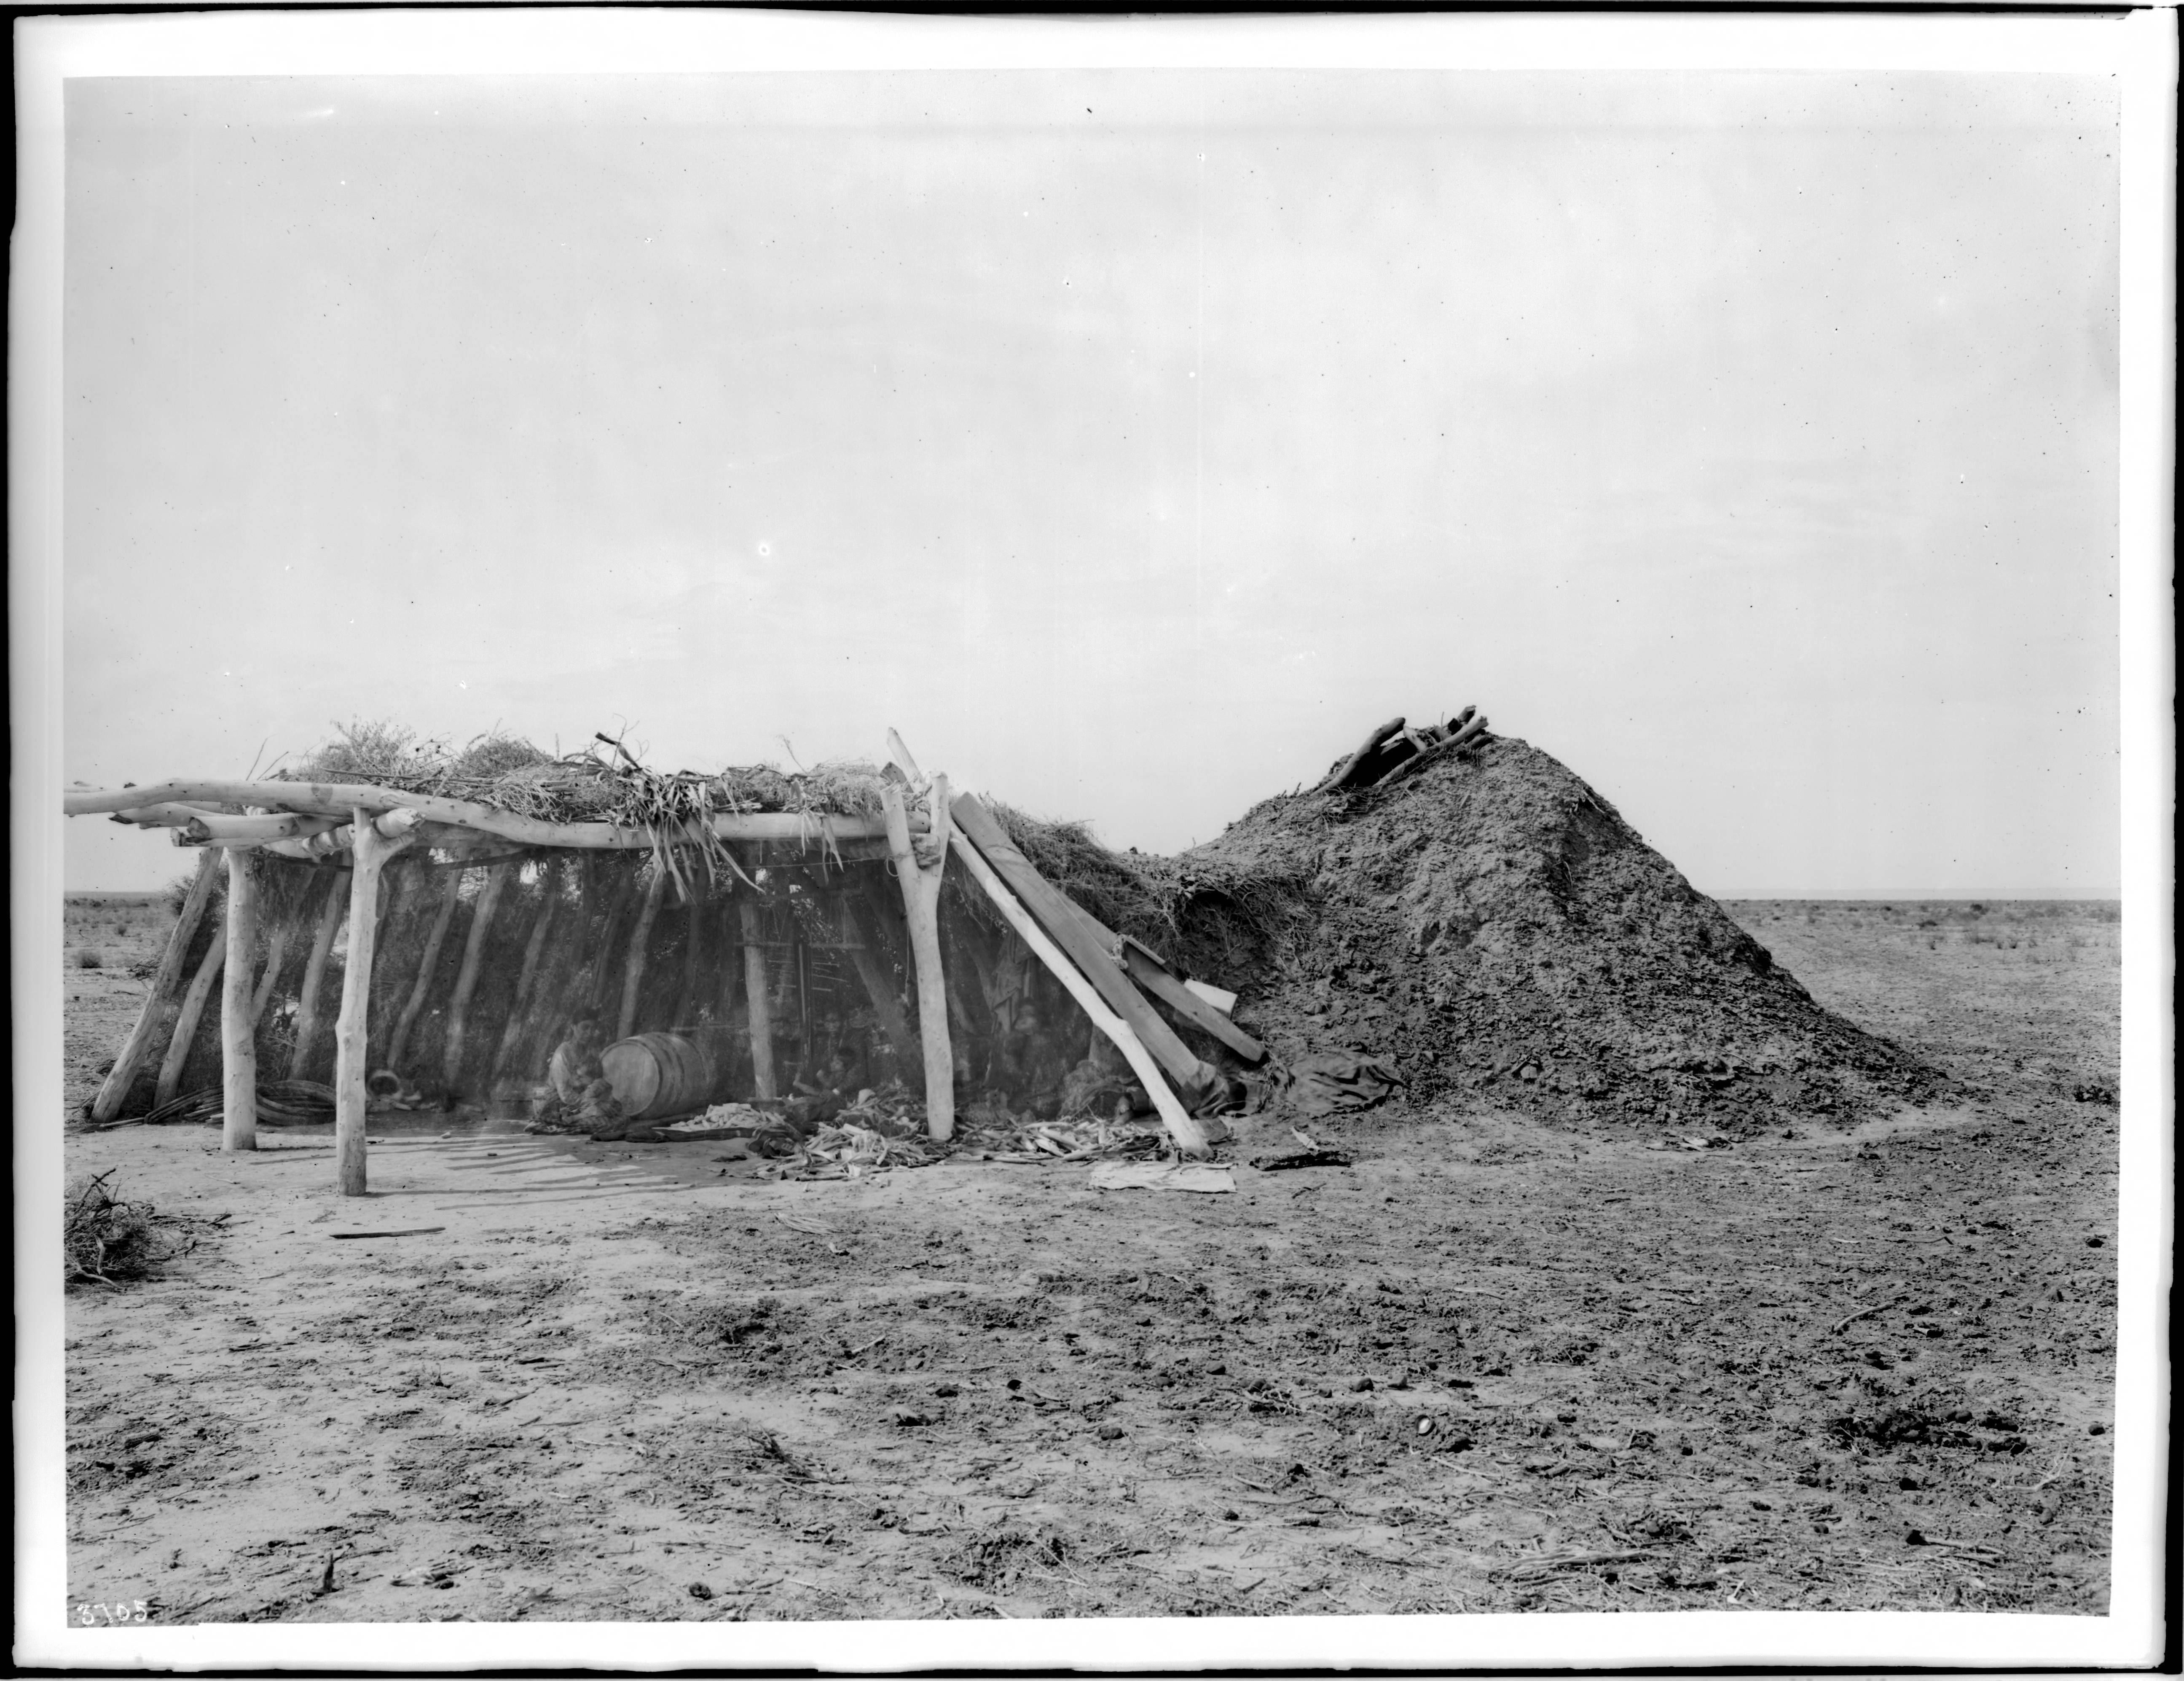 File Navajo Indian Hogan With Ramada Ca 1900 Chs 3705